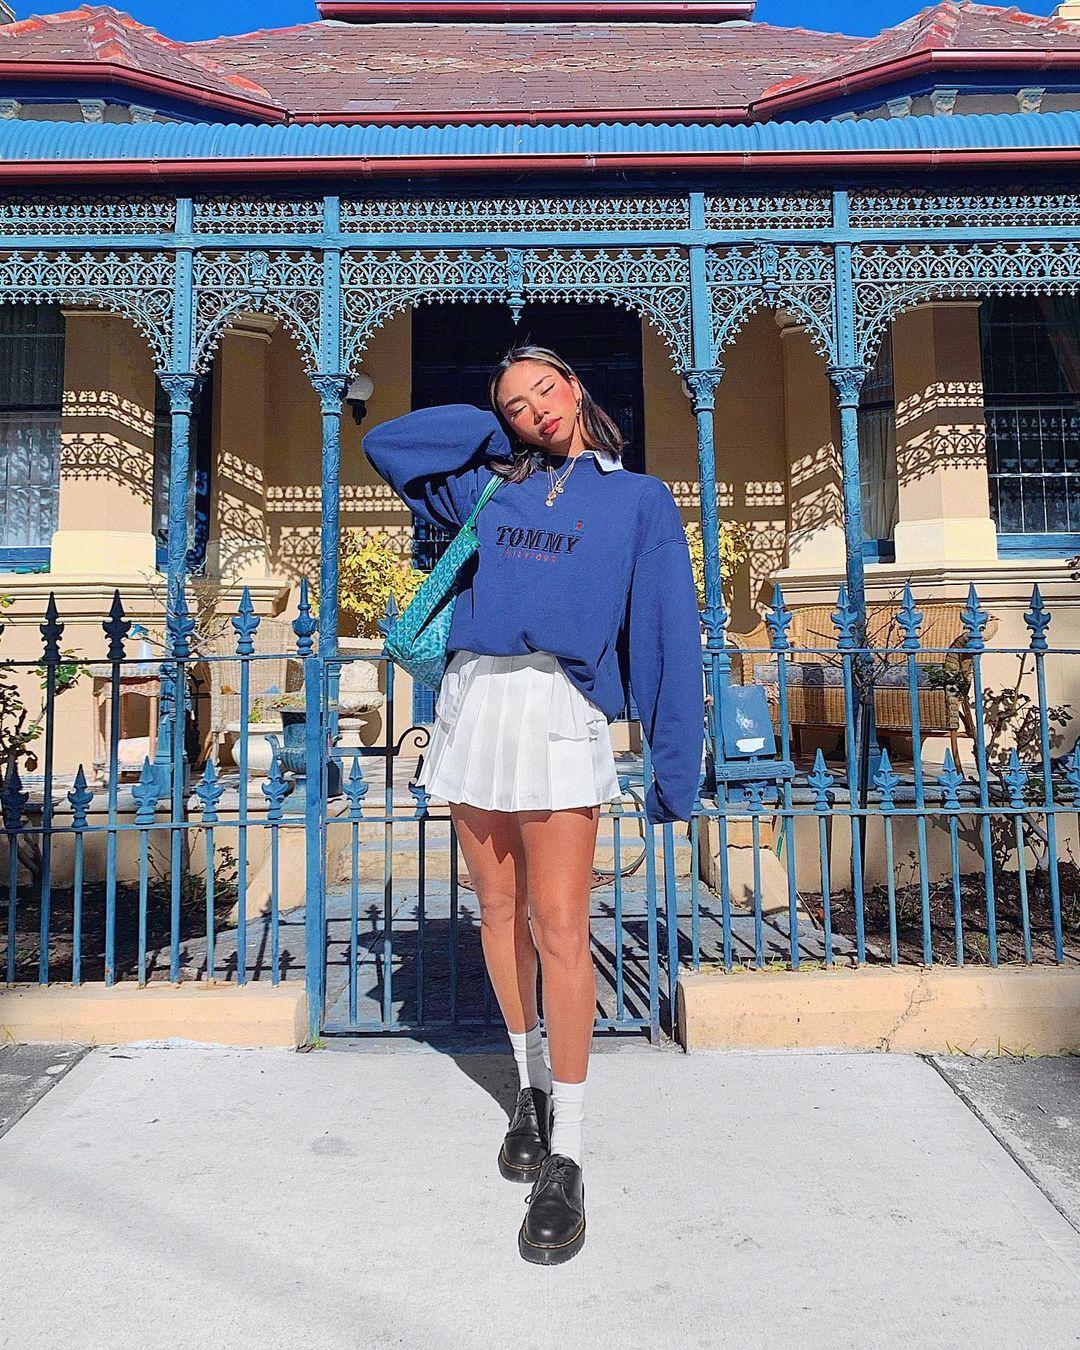 Foto de uma mulher em frente a uma casa com o portão azul. Ela usa um moletom vintage azul, saia colegial branca, sapato preto com meia branca. Ela está de olho fechado e cabeça apoiada no braço direito.